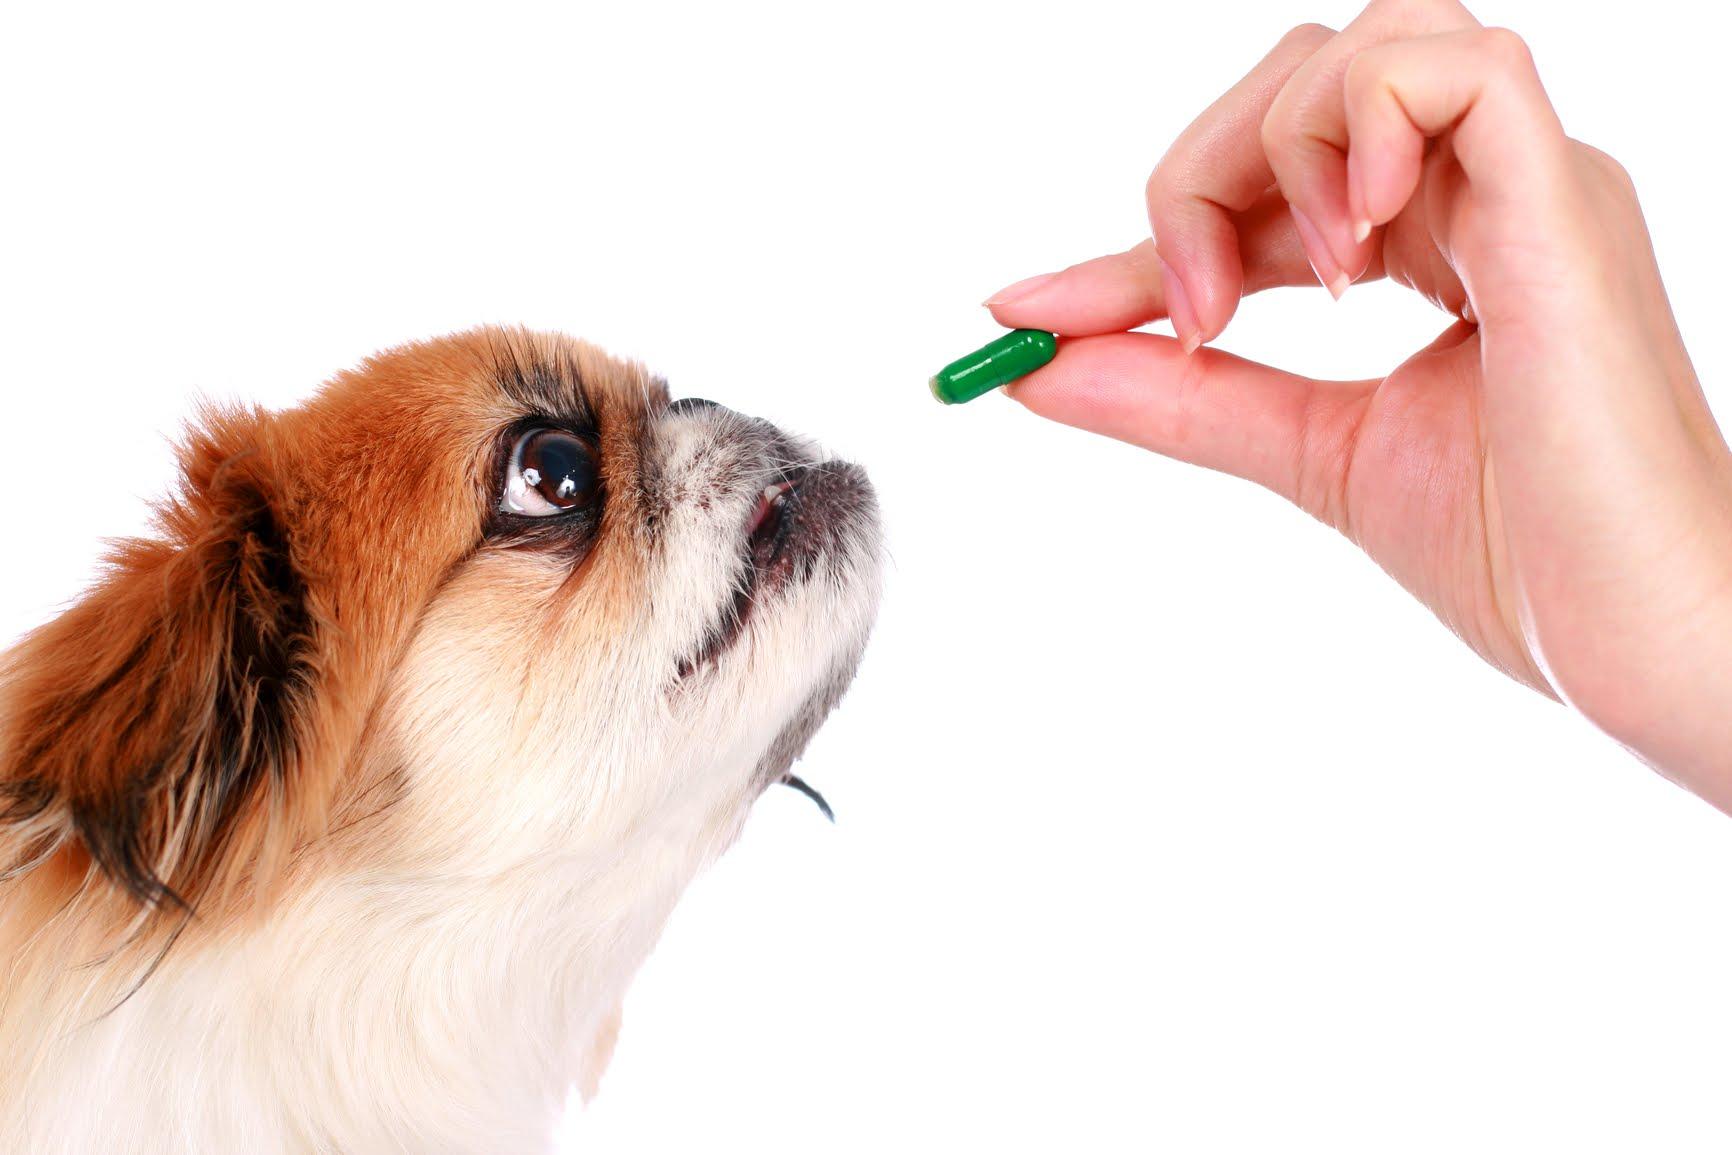 natural dog supplements and vitamins